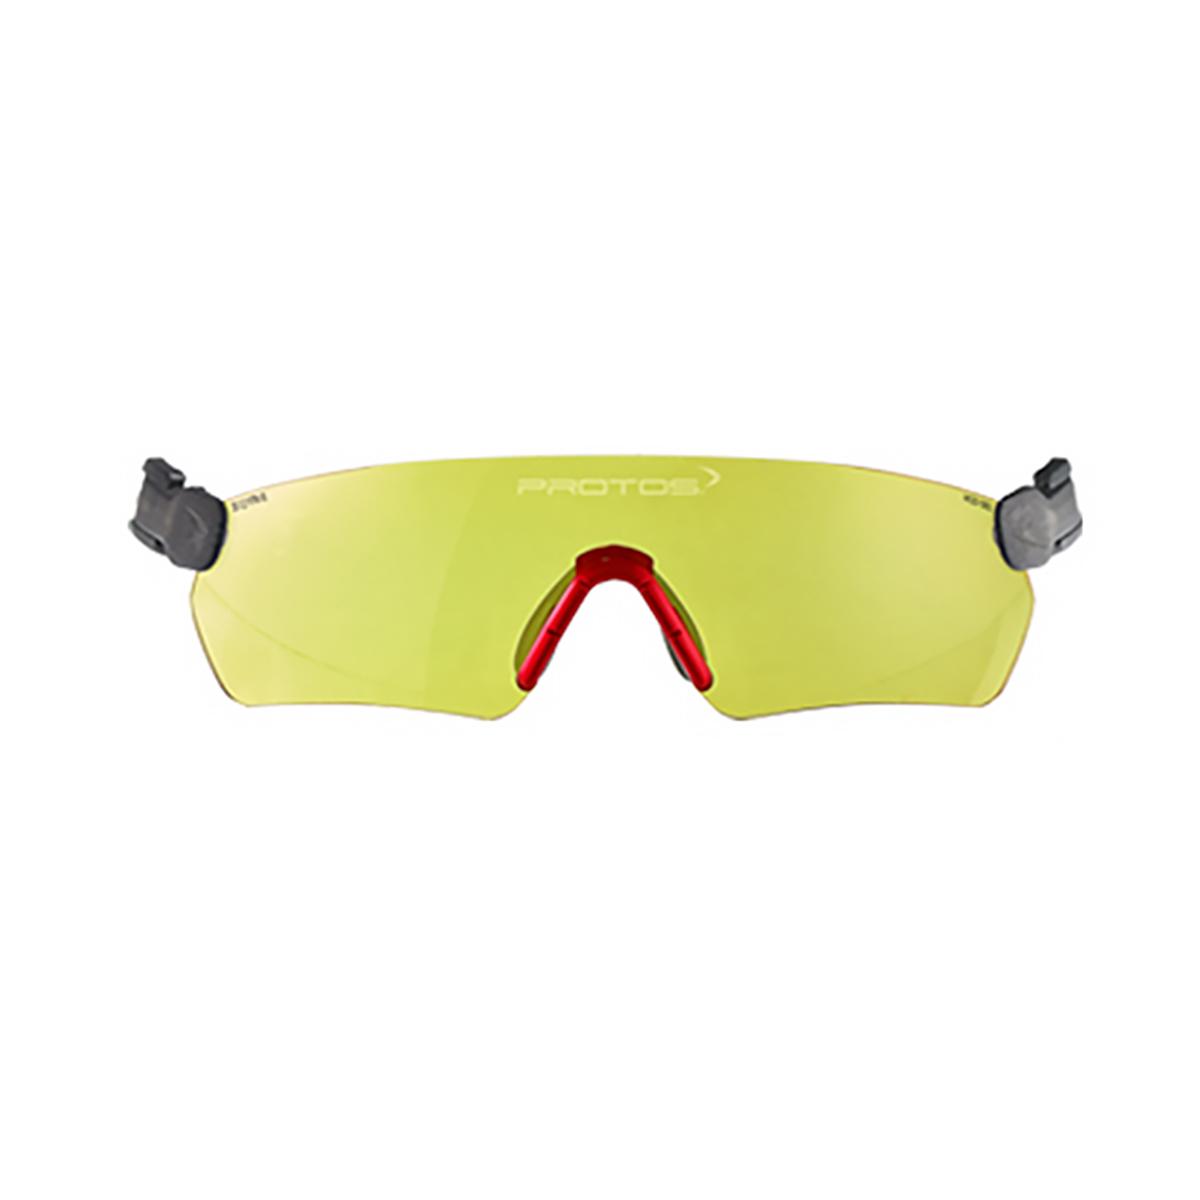 Pfanner Casque Protos lunettes de protection jaunes